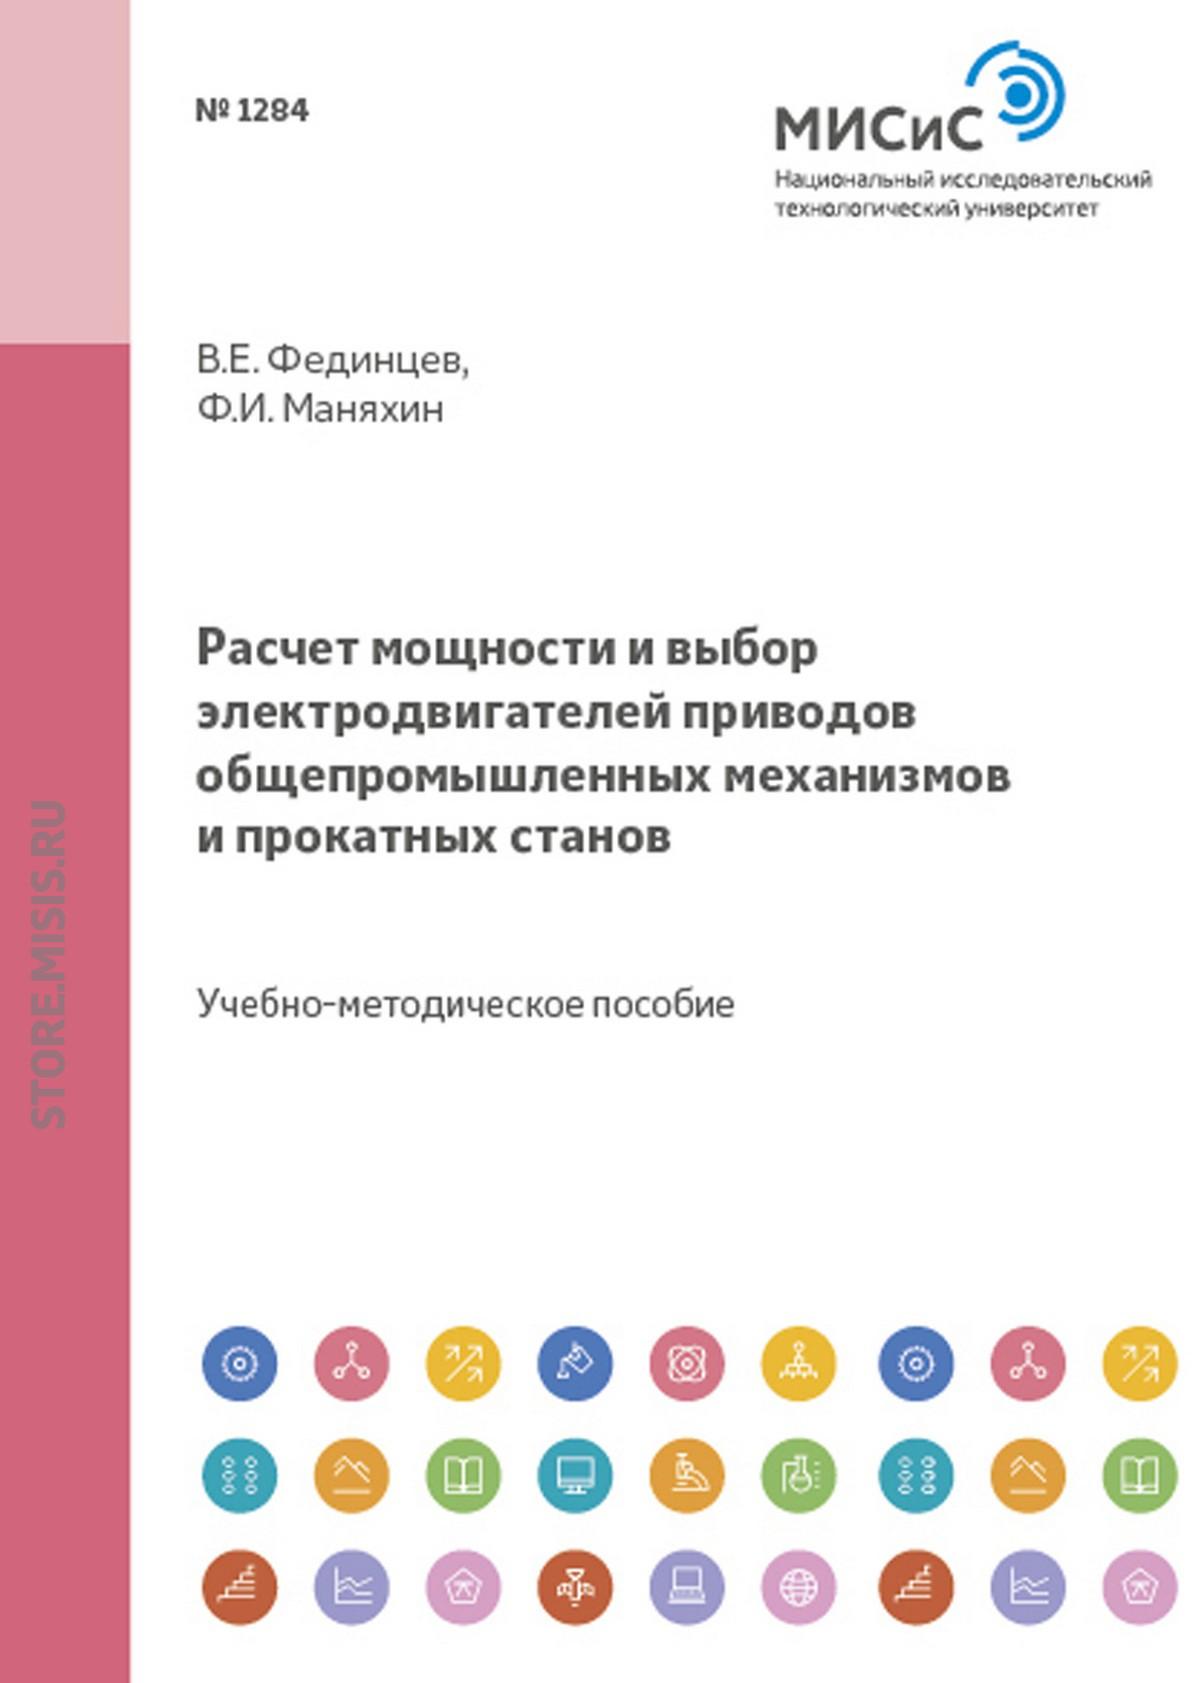 Федор Маняхин Расчет мощности и выбор электродвигателей приводов общепромышленных механизмов и прокатных станов